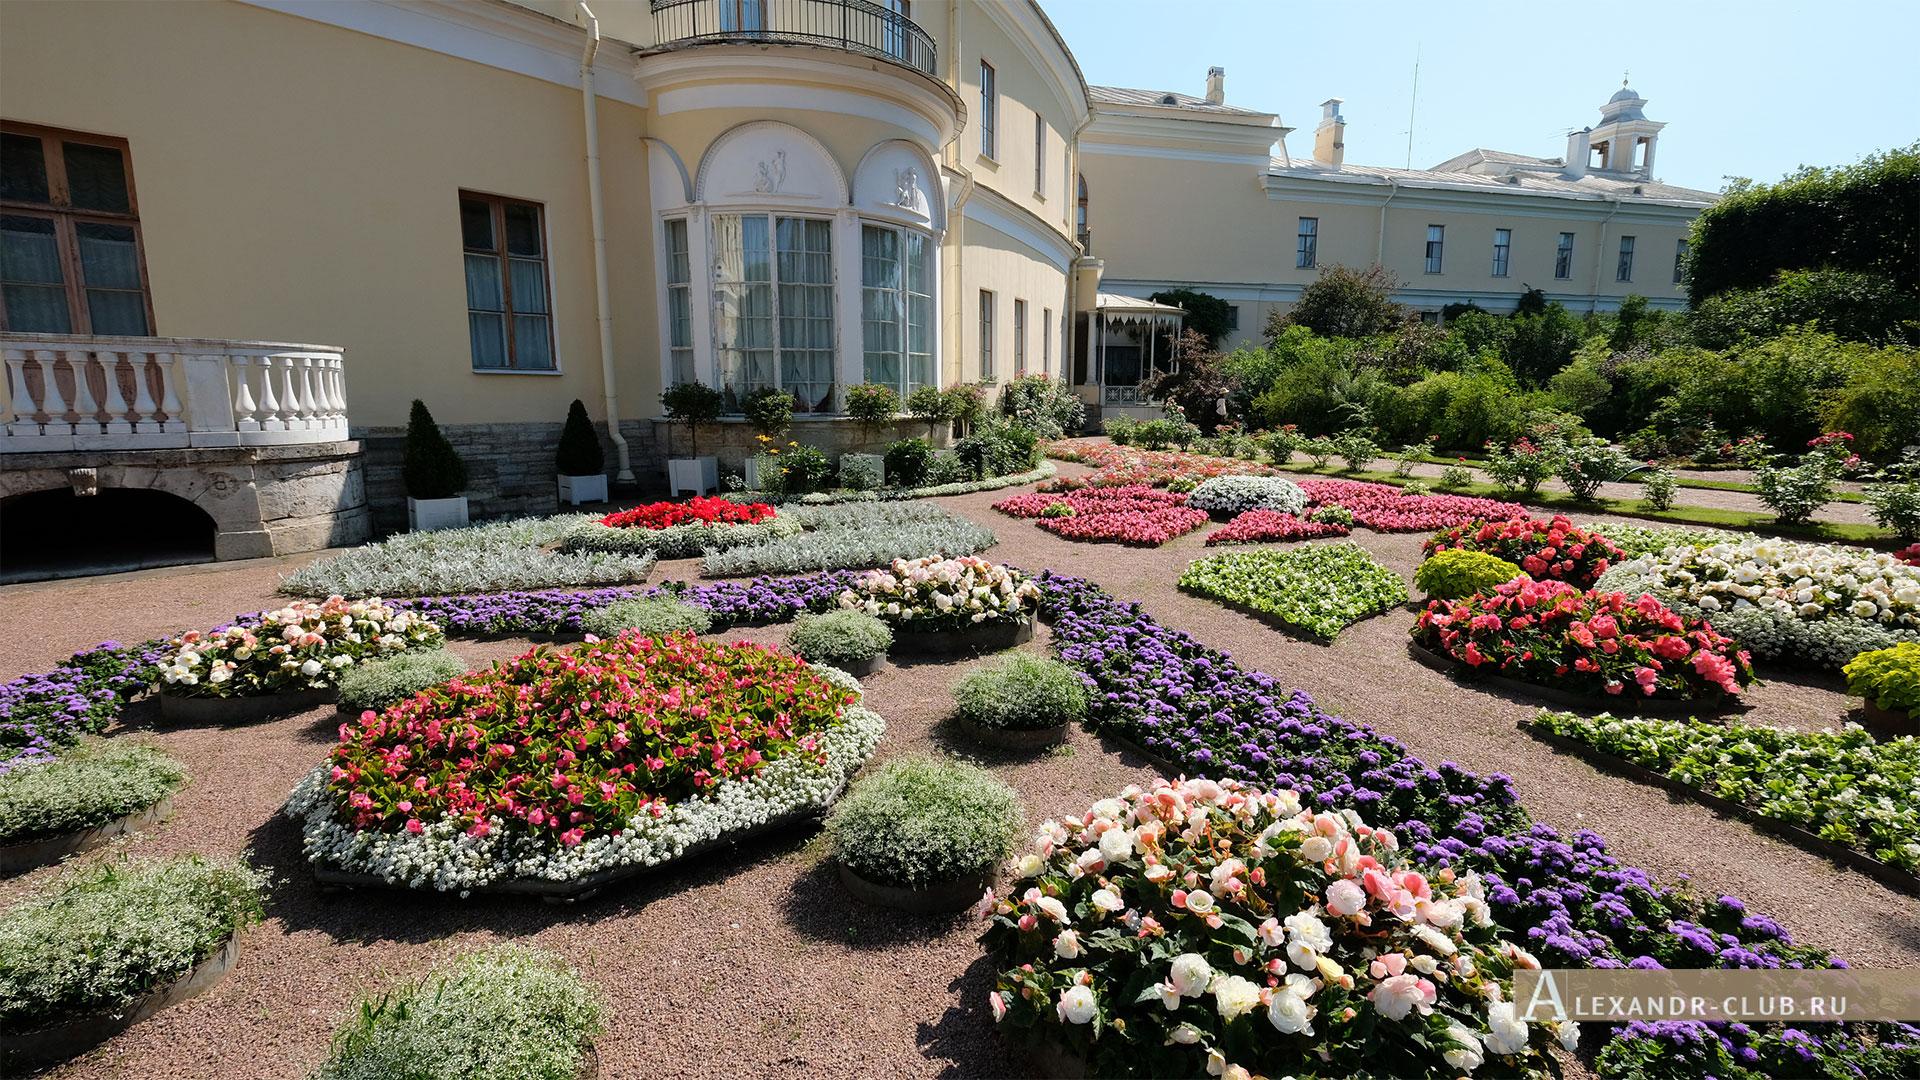 Павловск, лето, Большой Павловский дворец, Собственный садик